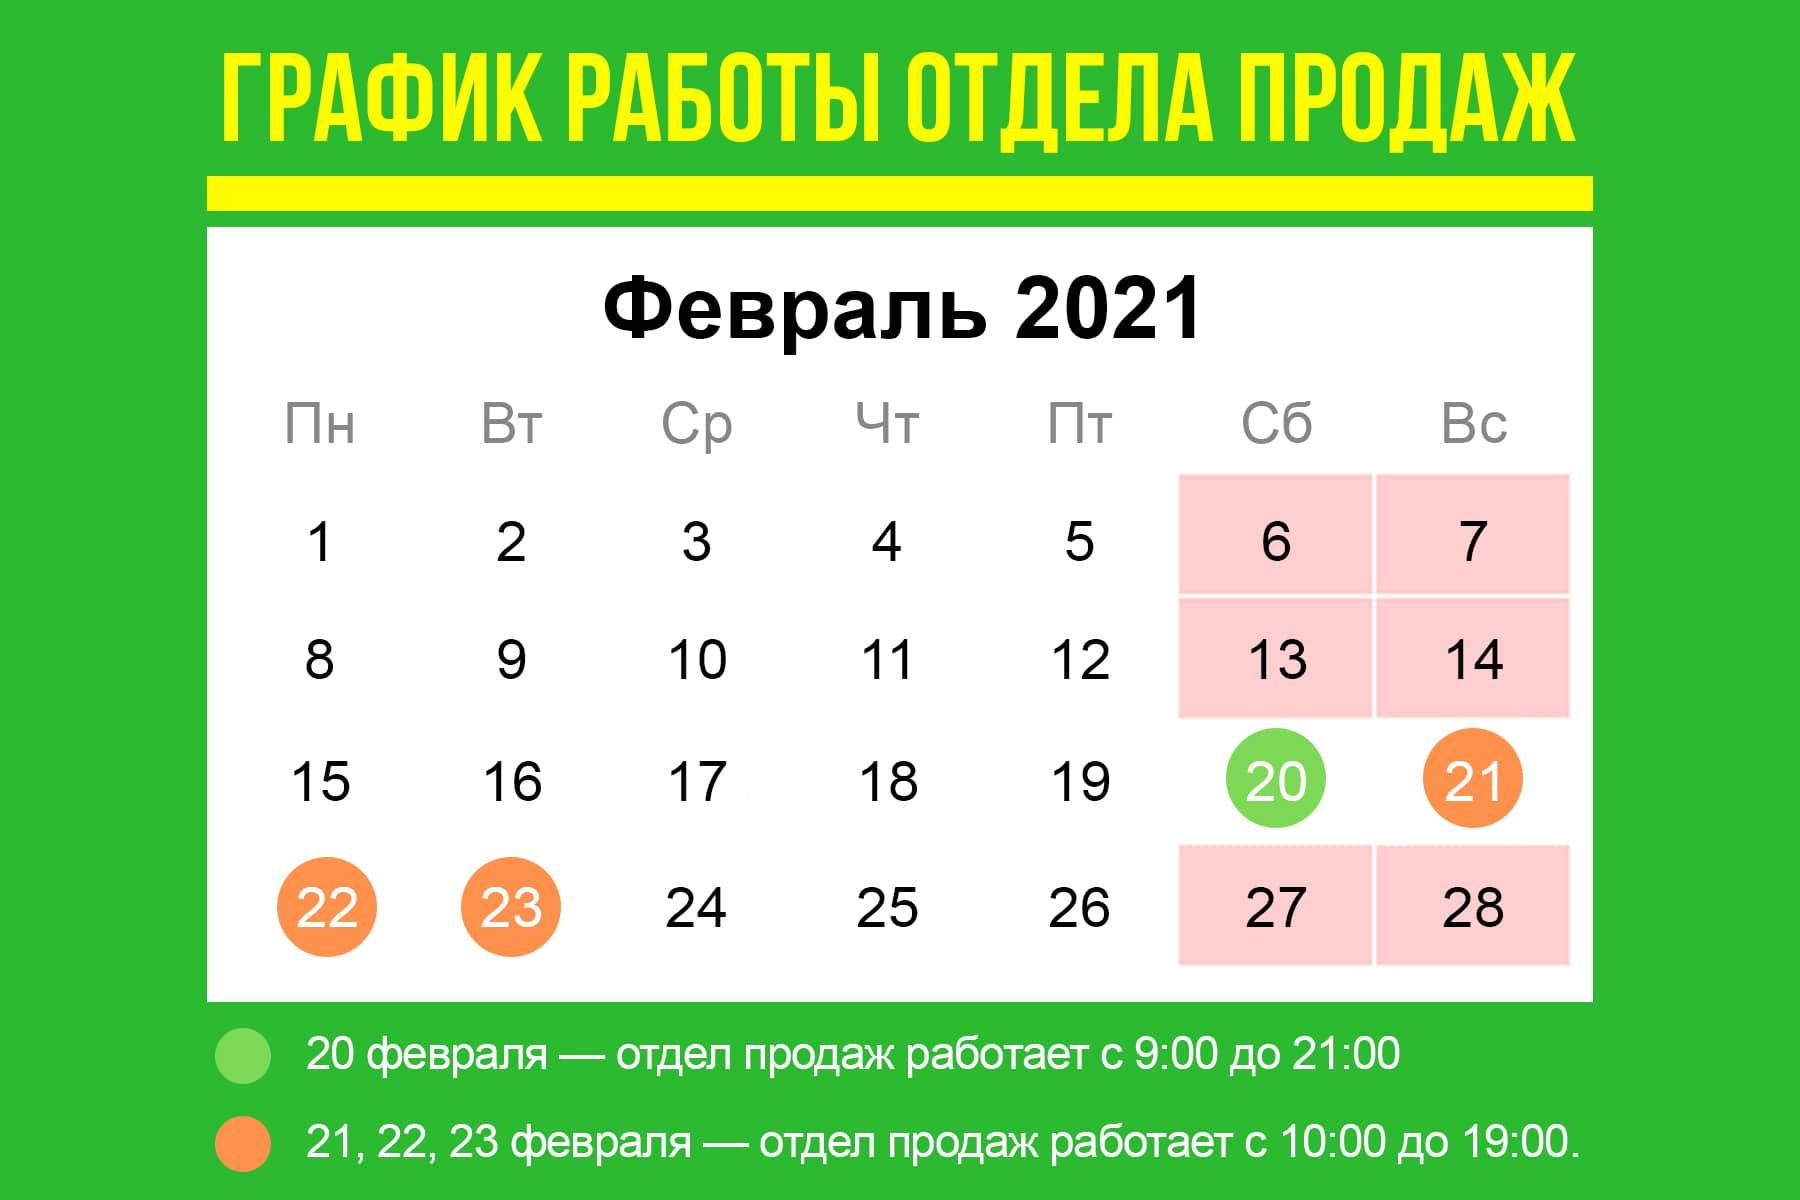 График работы отдела продаж 23 февраля